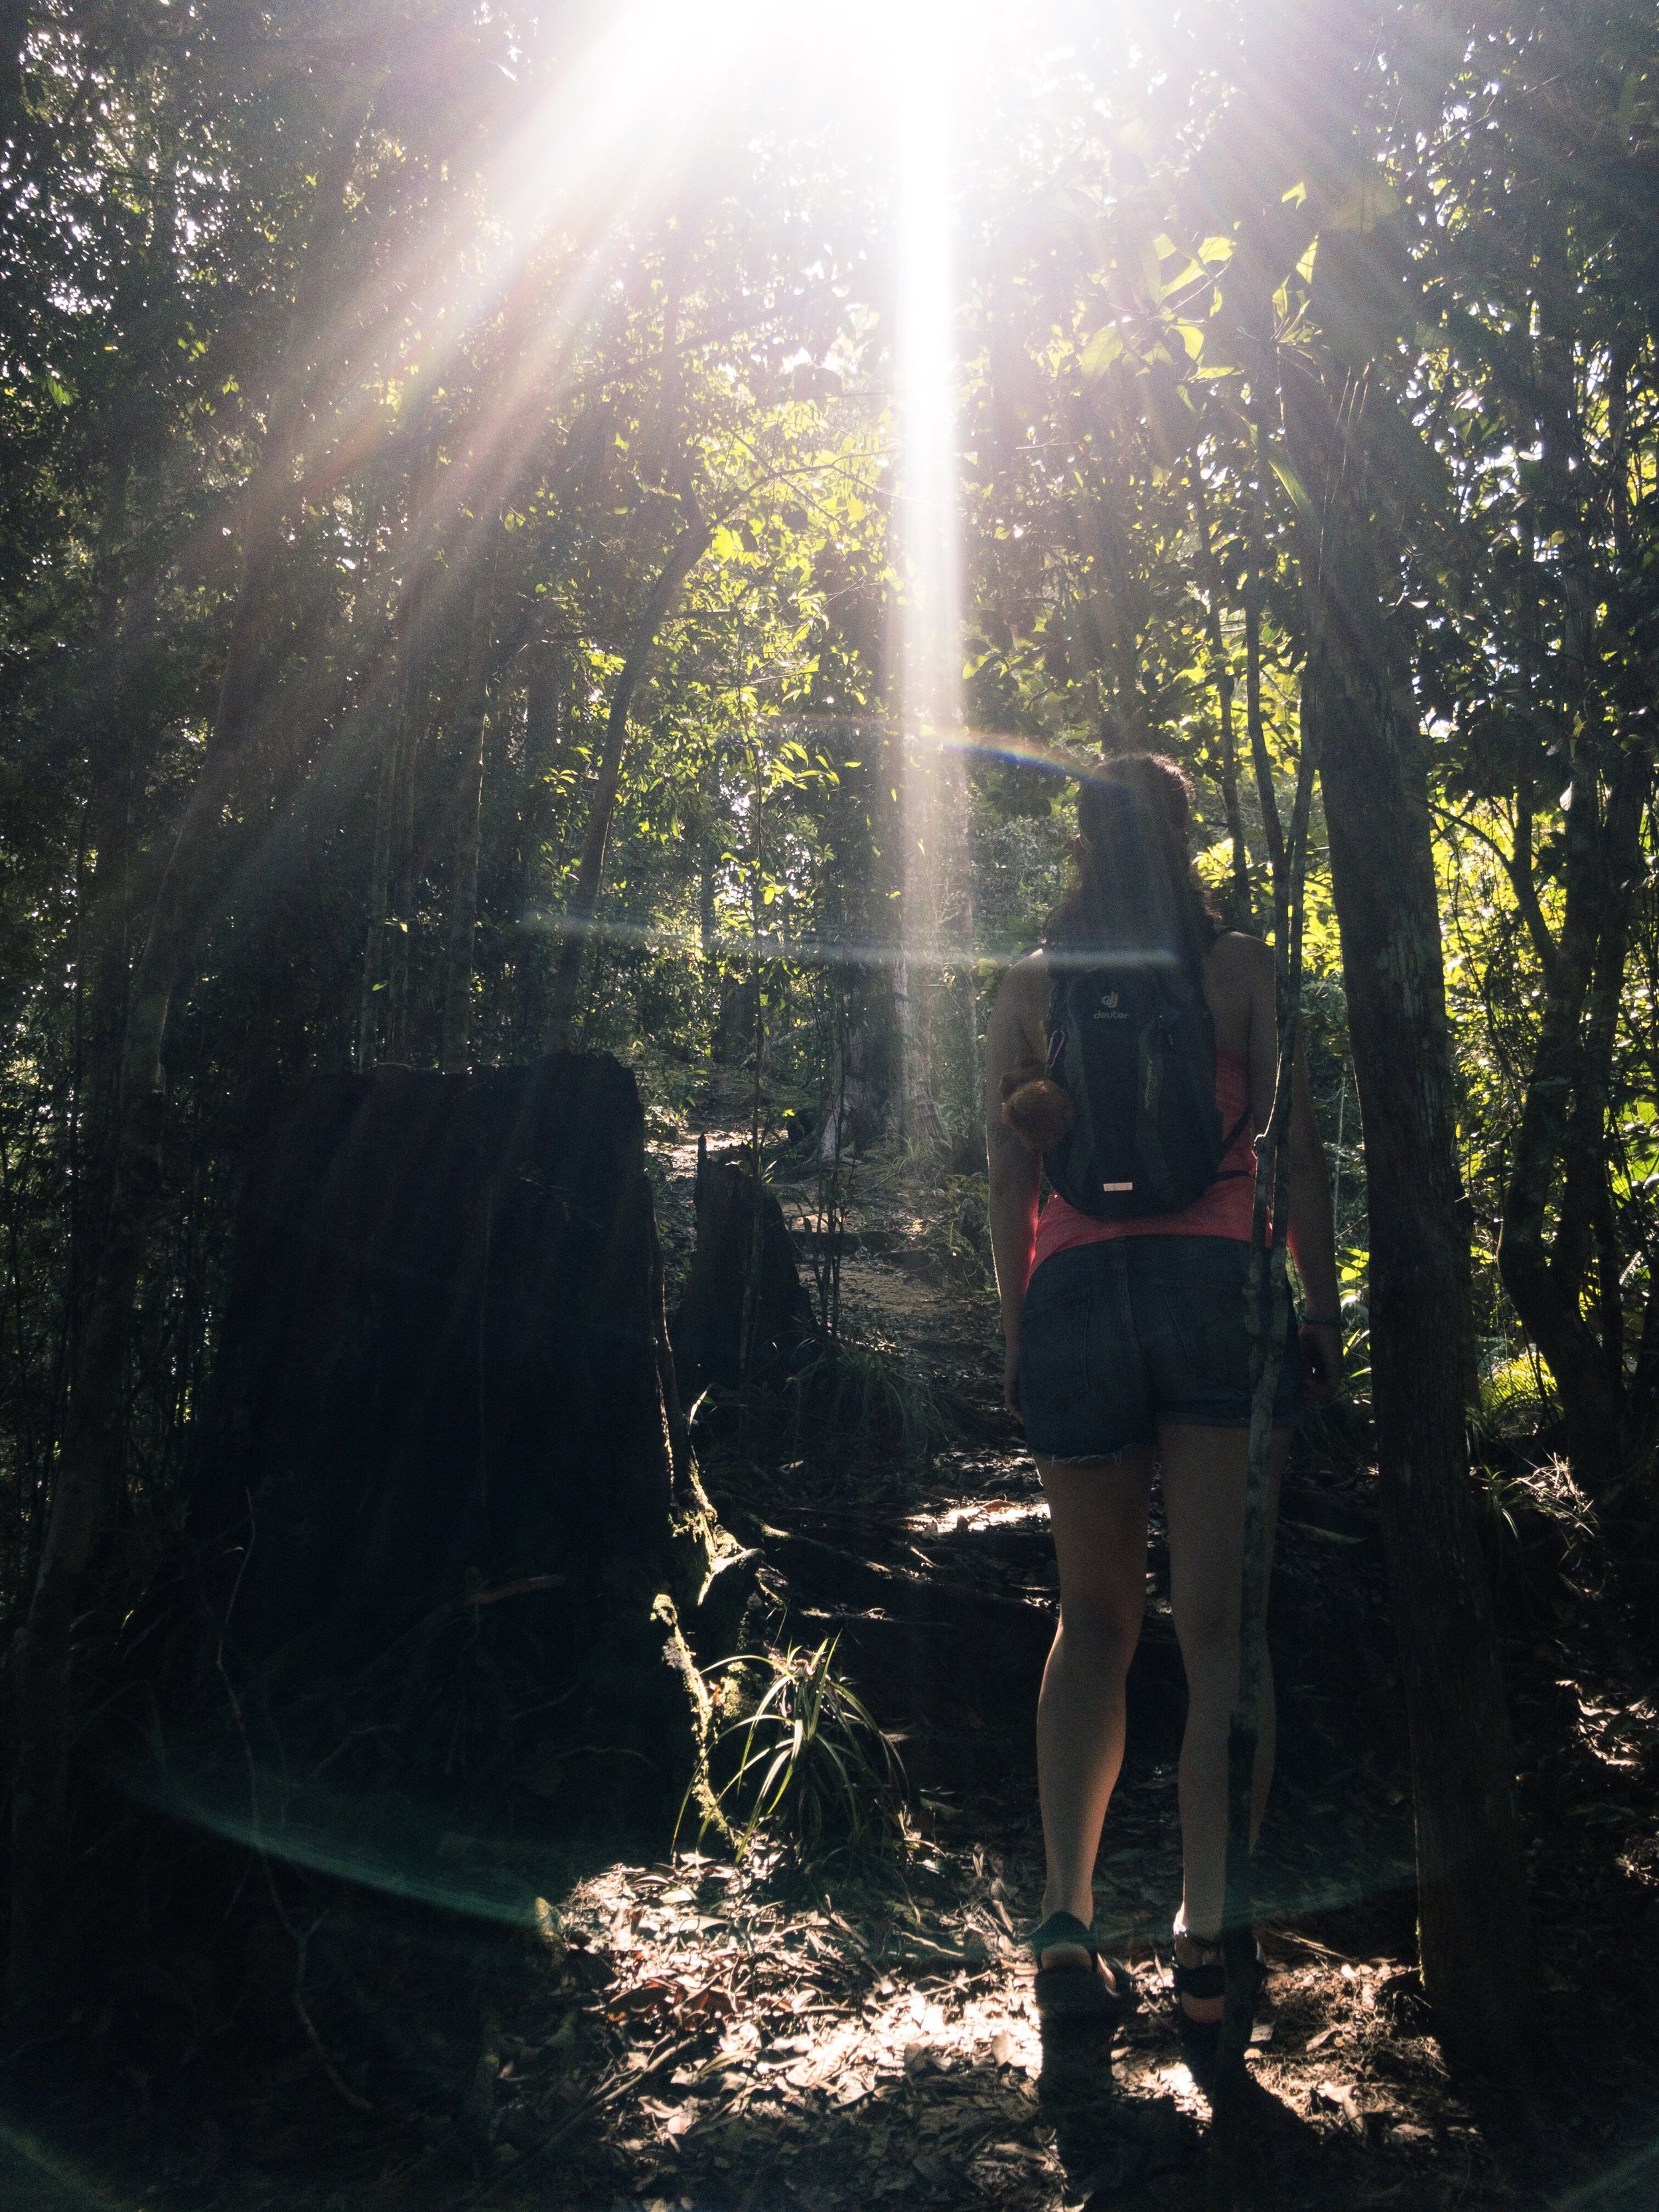 M'n ziel aan het zoeken in de jungle. Het licht al wel gevonden!